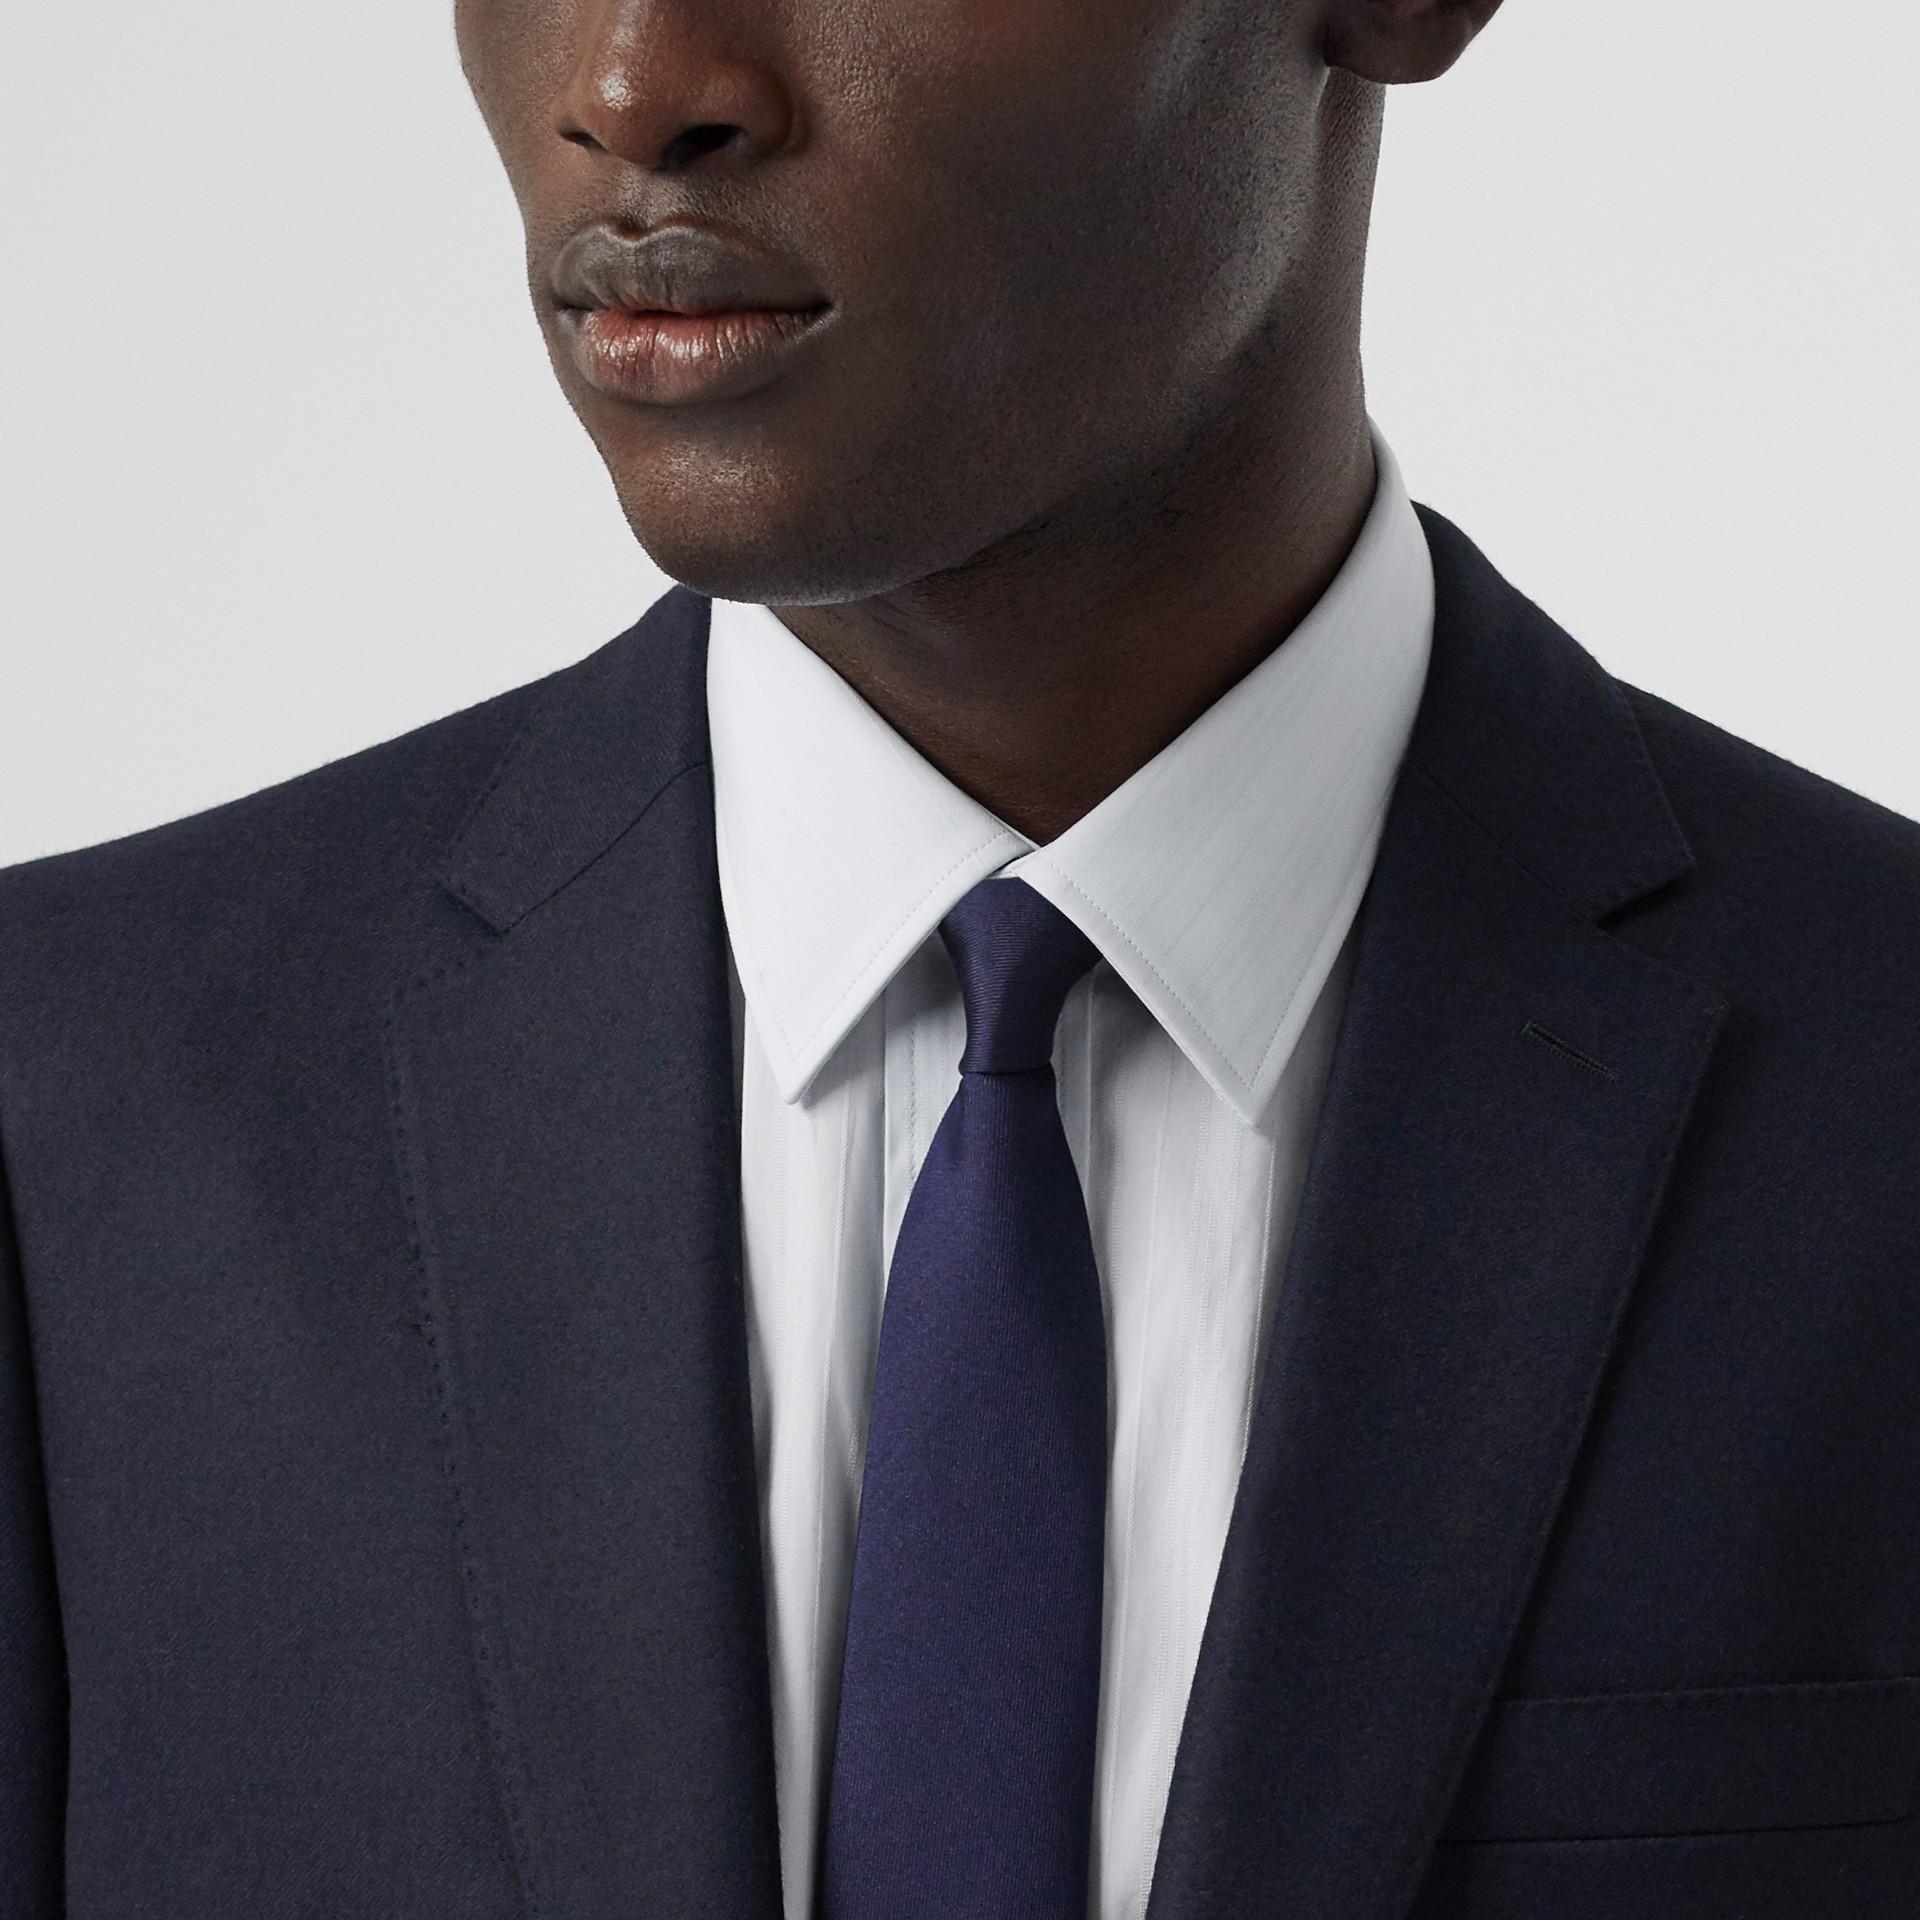 클래식핏 울 플란넬 테일러드 재킷 (네이비) - 남성 | Burberry - 갤러리 이미지 1